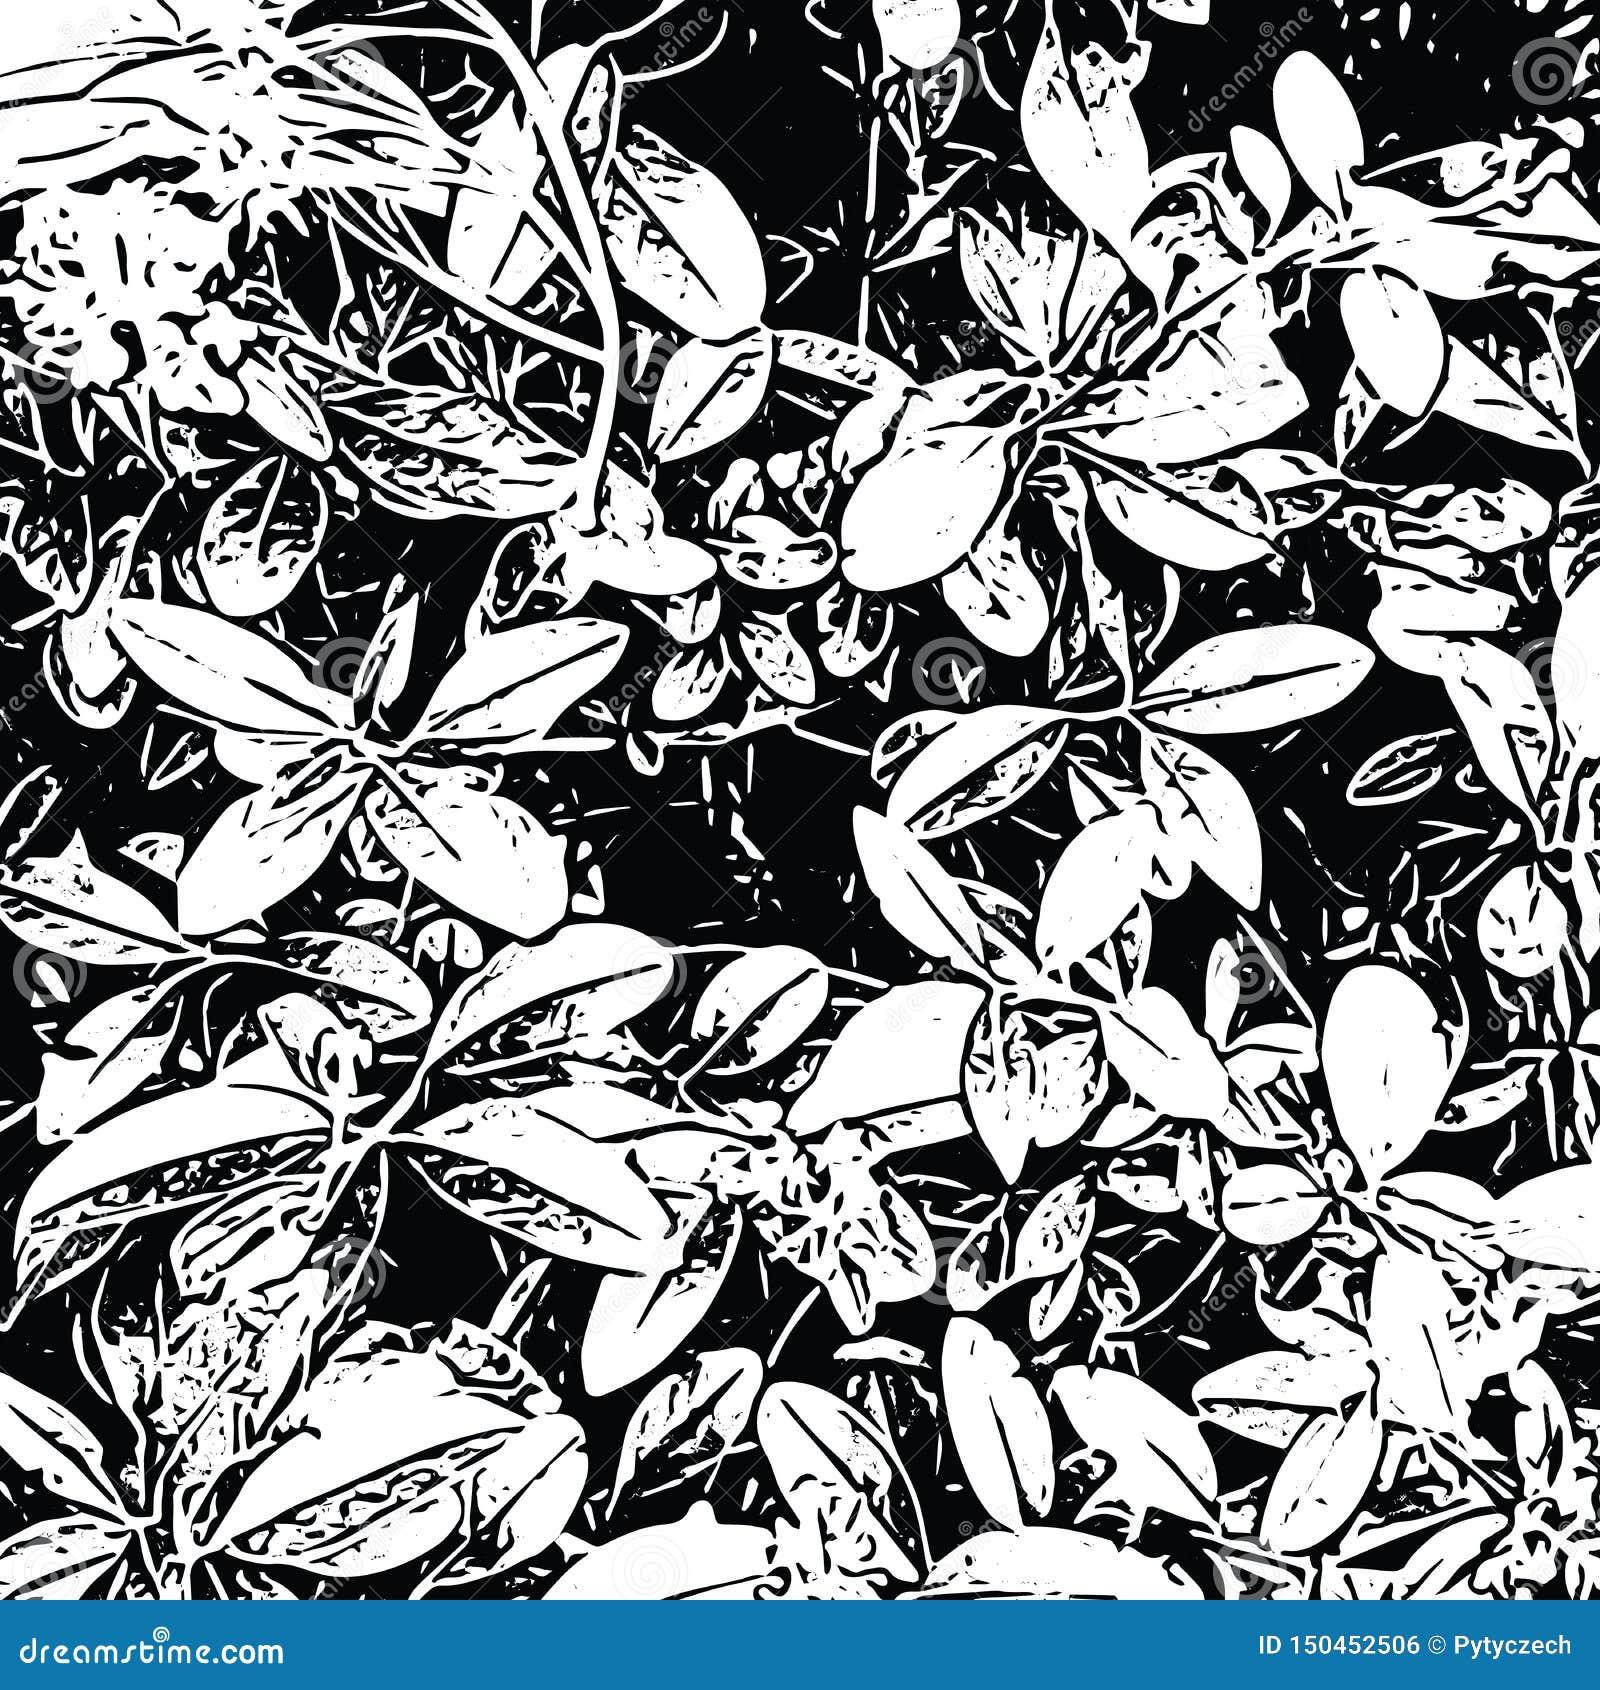 Το φυσικό floral σχέδιο Grunge του θάμνου βγάζει φύλλα Αφηρημένο διανυσματικό υπόβαθρο σύστασης σε γραπτό